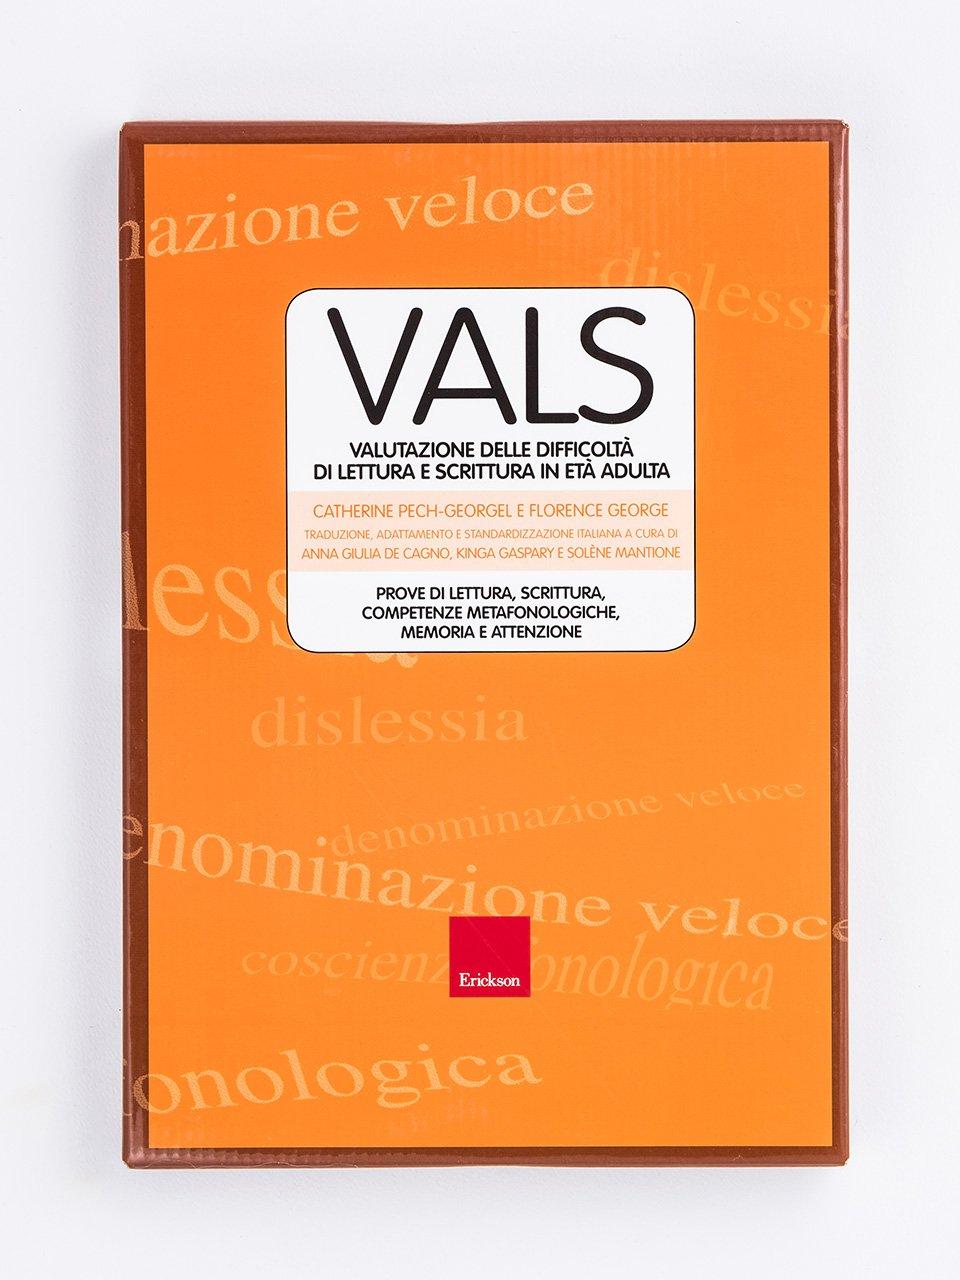 VALS - Valutazione delle difficoltà di lettura e scrittura in età adulta - Le aquile sono nate per volare - Libri - Erickson